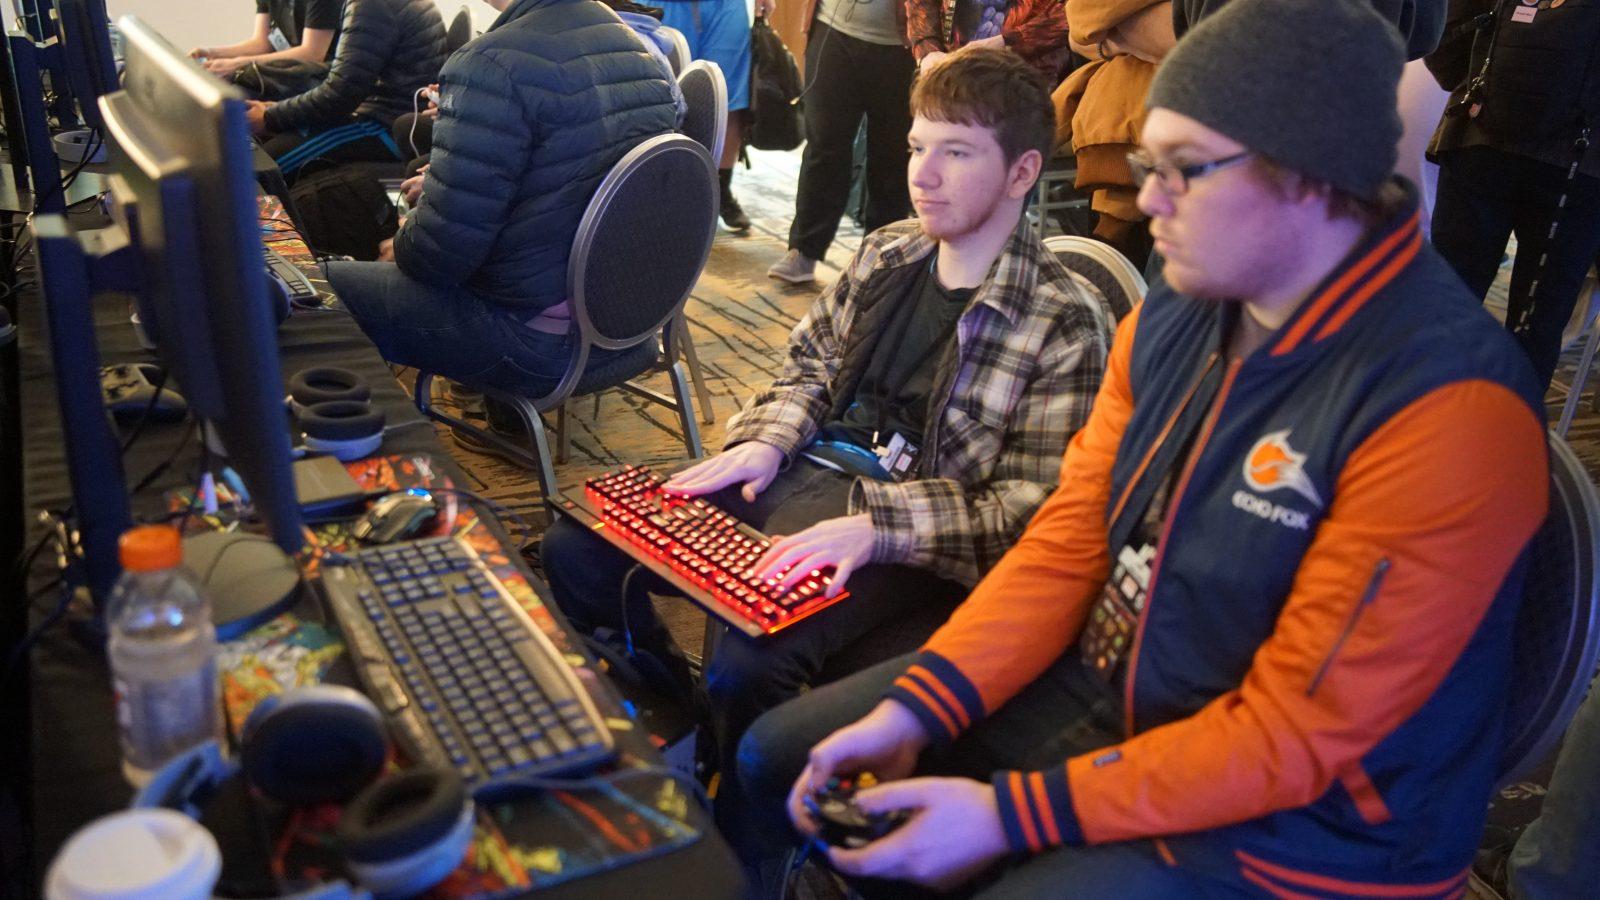 Kaksi henkilöä pelaa tietokoneen edessä vierekkäin.